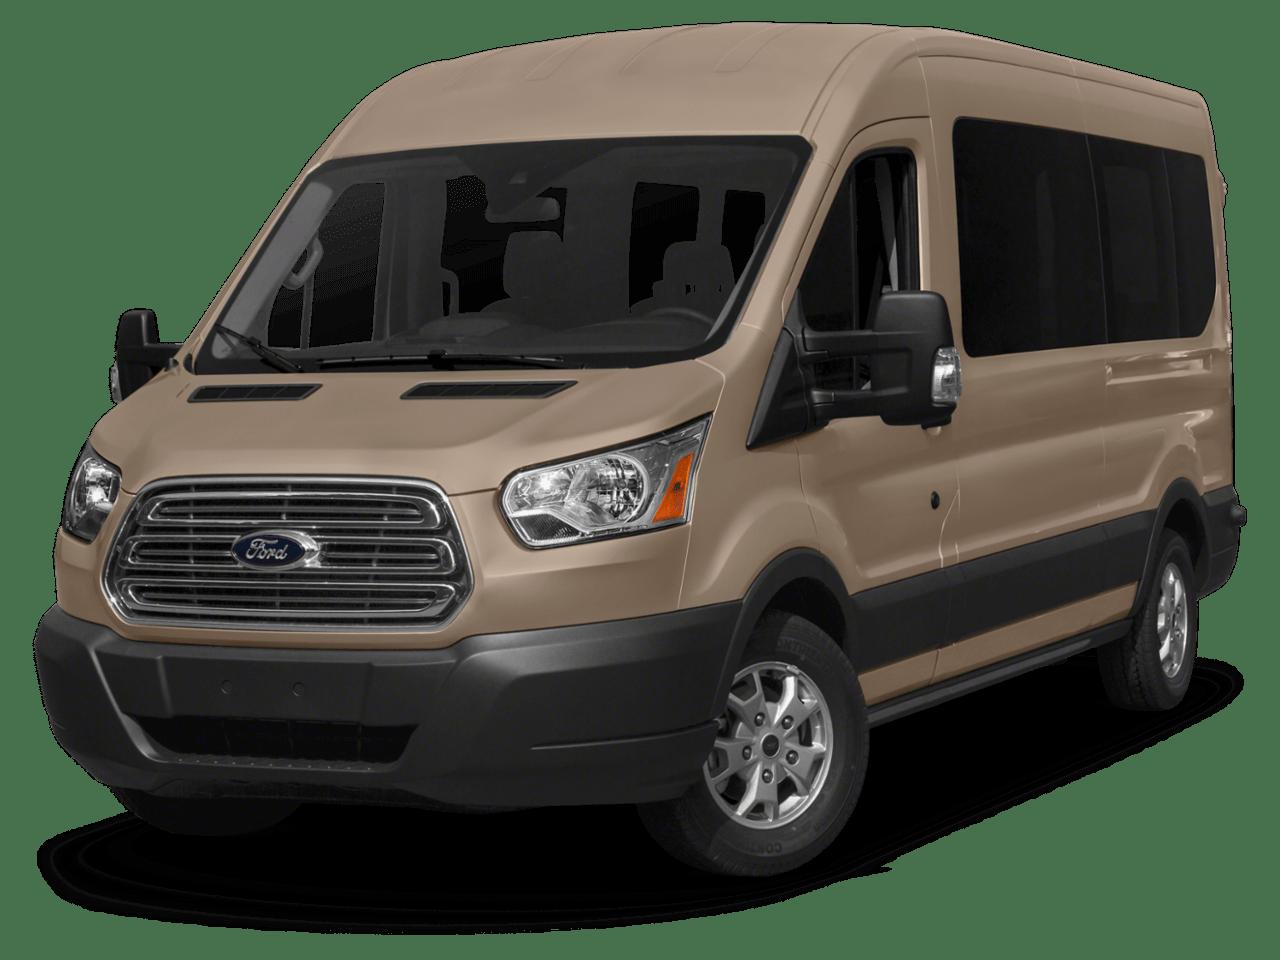 2019 Ford Passenger Van